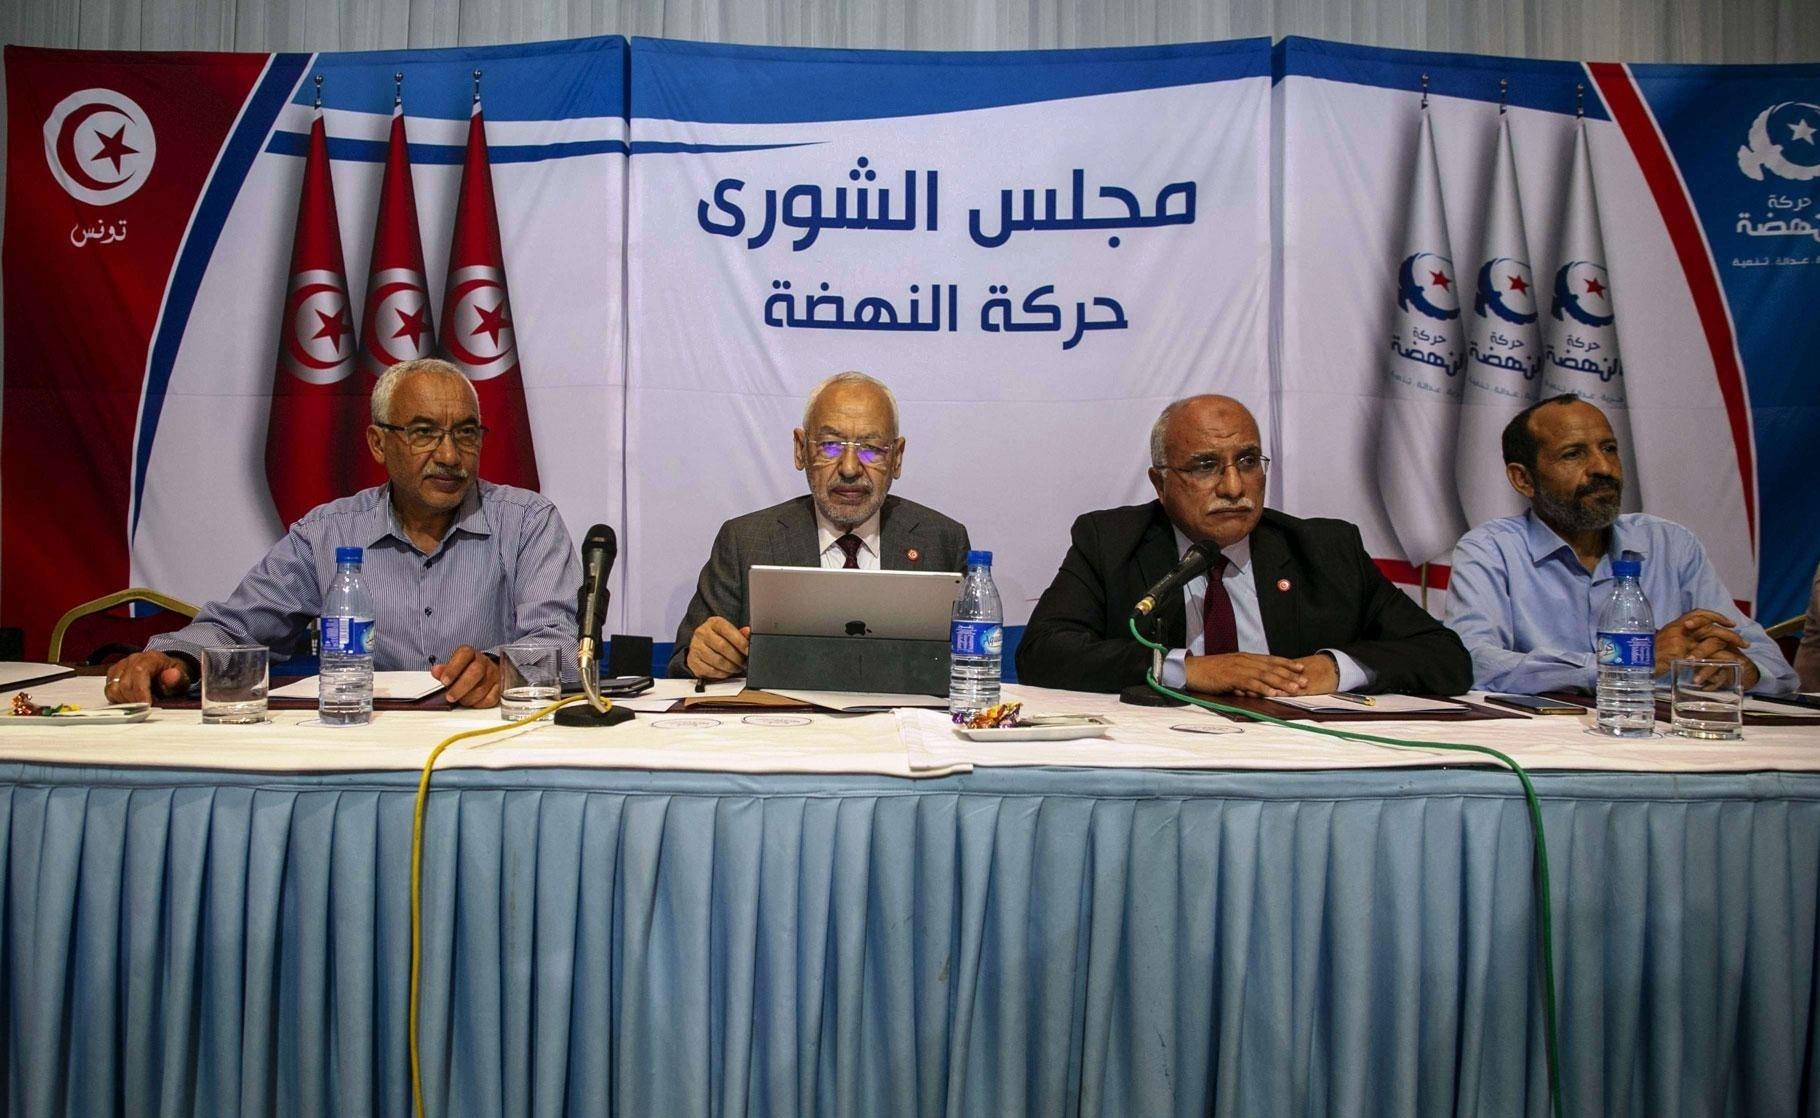 مجلس شورى حركة النهضة يكلف رئيس الحركة راشد الغنوشي بمتابعة تنفيذ خيار سحب الثقة